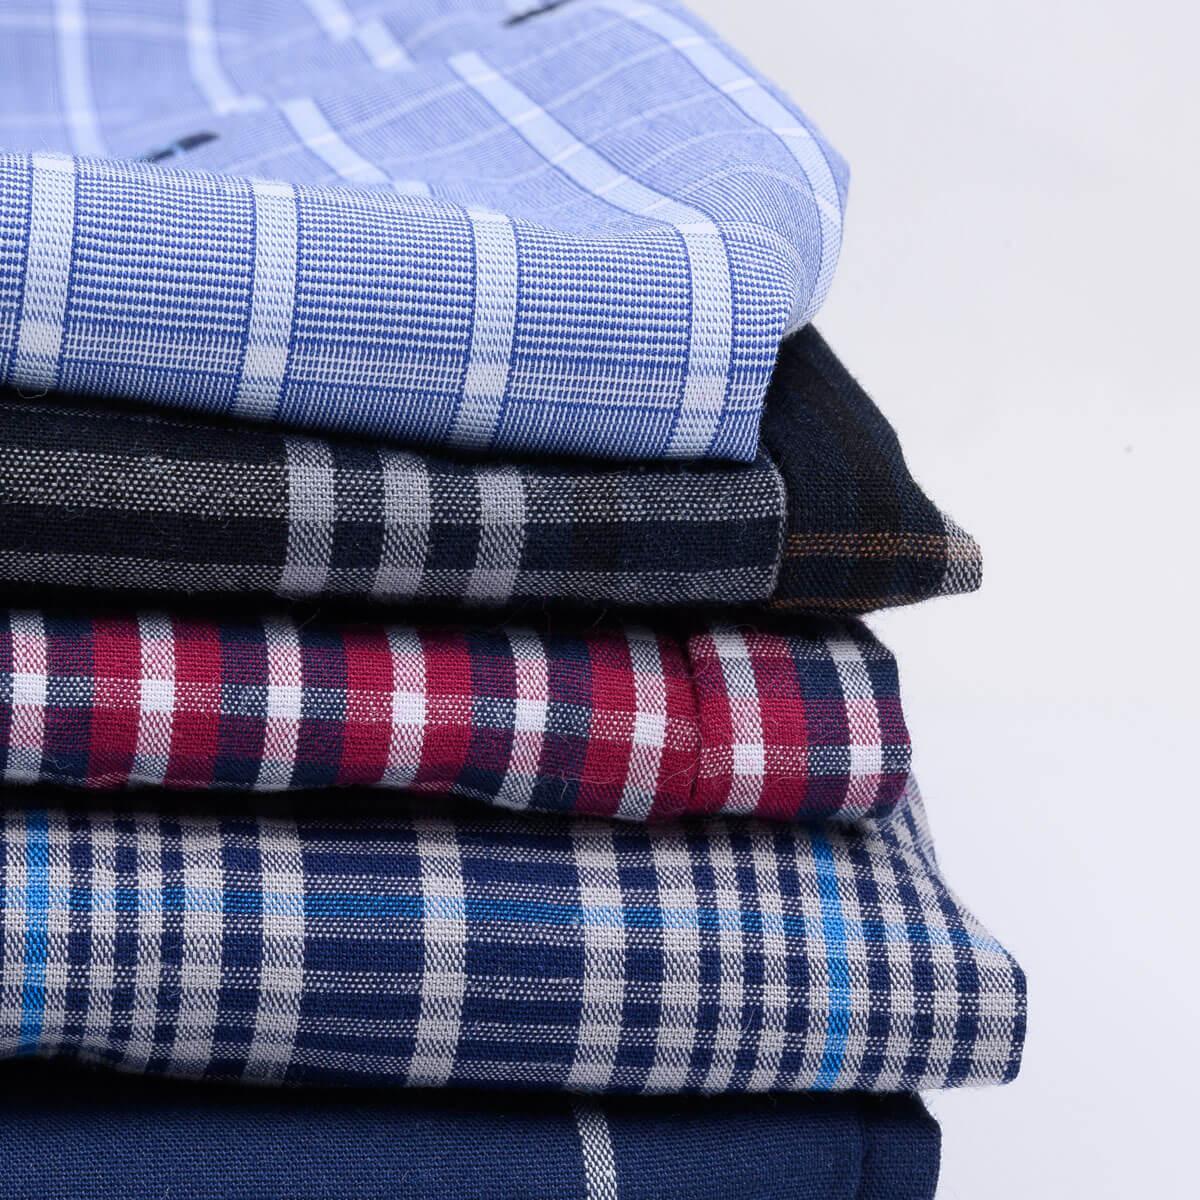 Piejama Brings the Perfect Sleeping Pajamas for You!